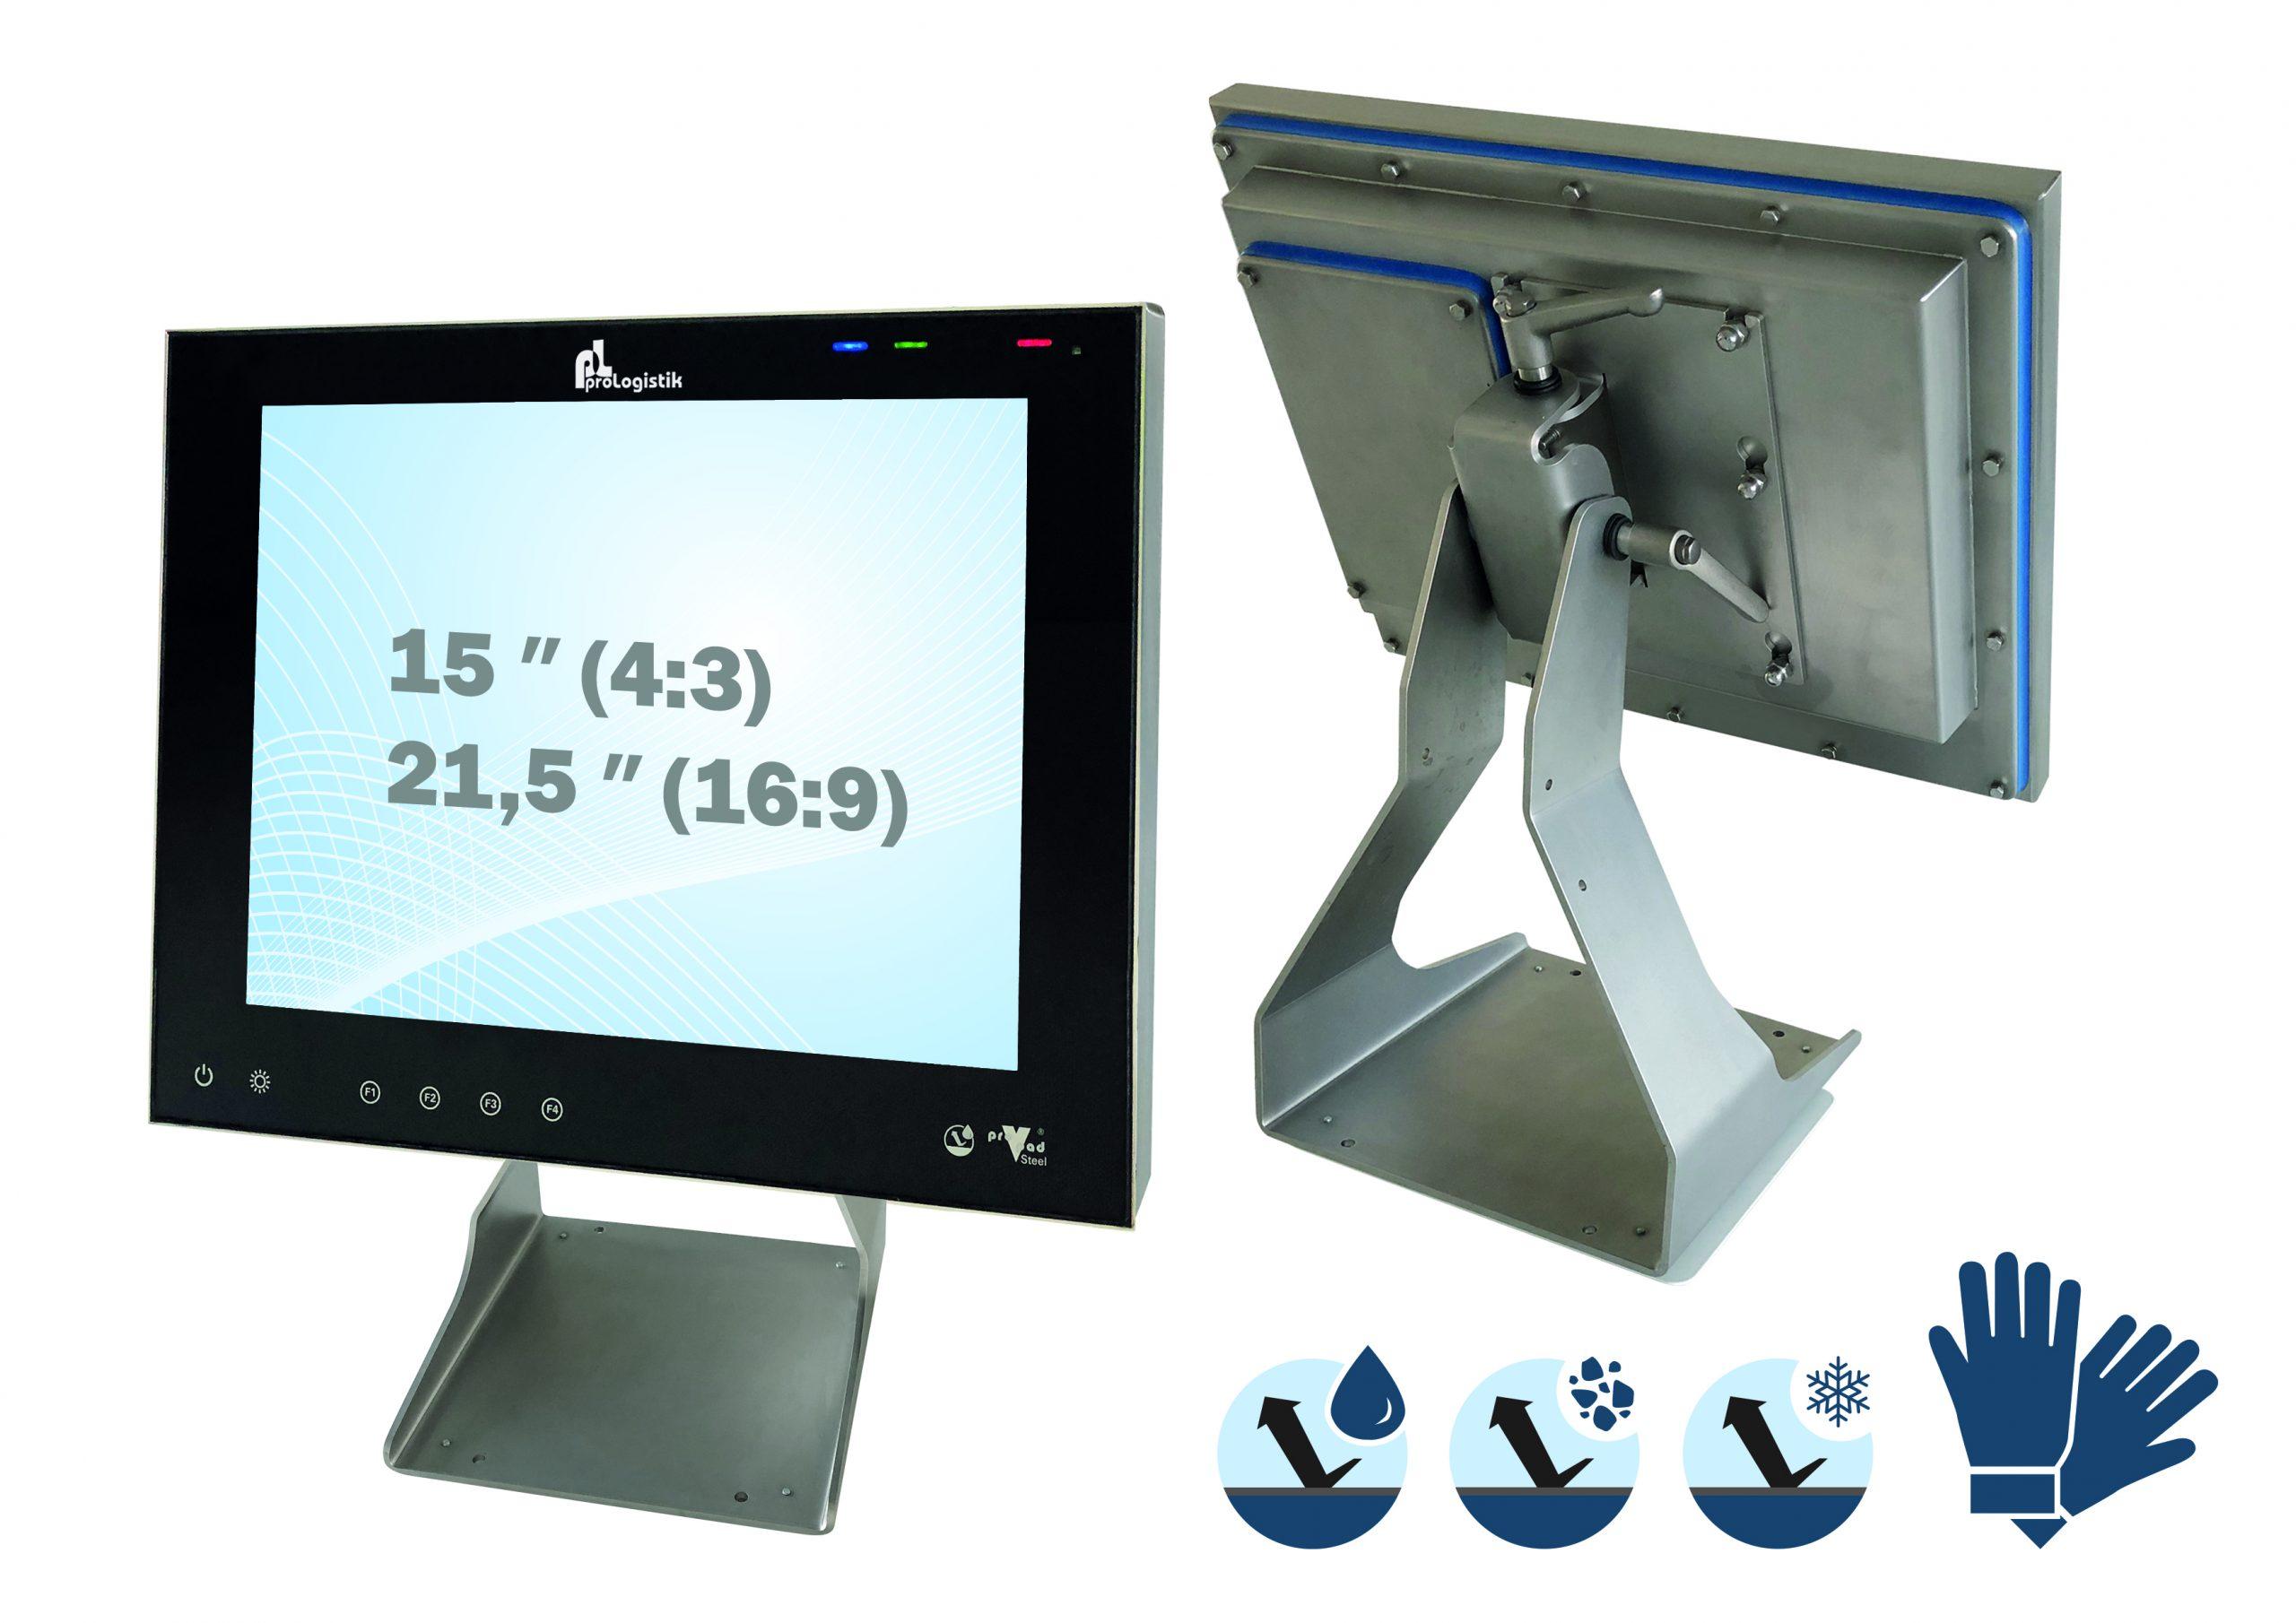 Die Steel-Serie ist in den Displaygrößen 12,1, 15, 19 und 21,5 Zoll erhältlich. (Bild: ProLogistik GmbH + Co KG)